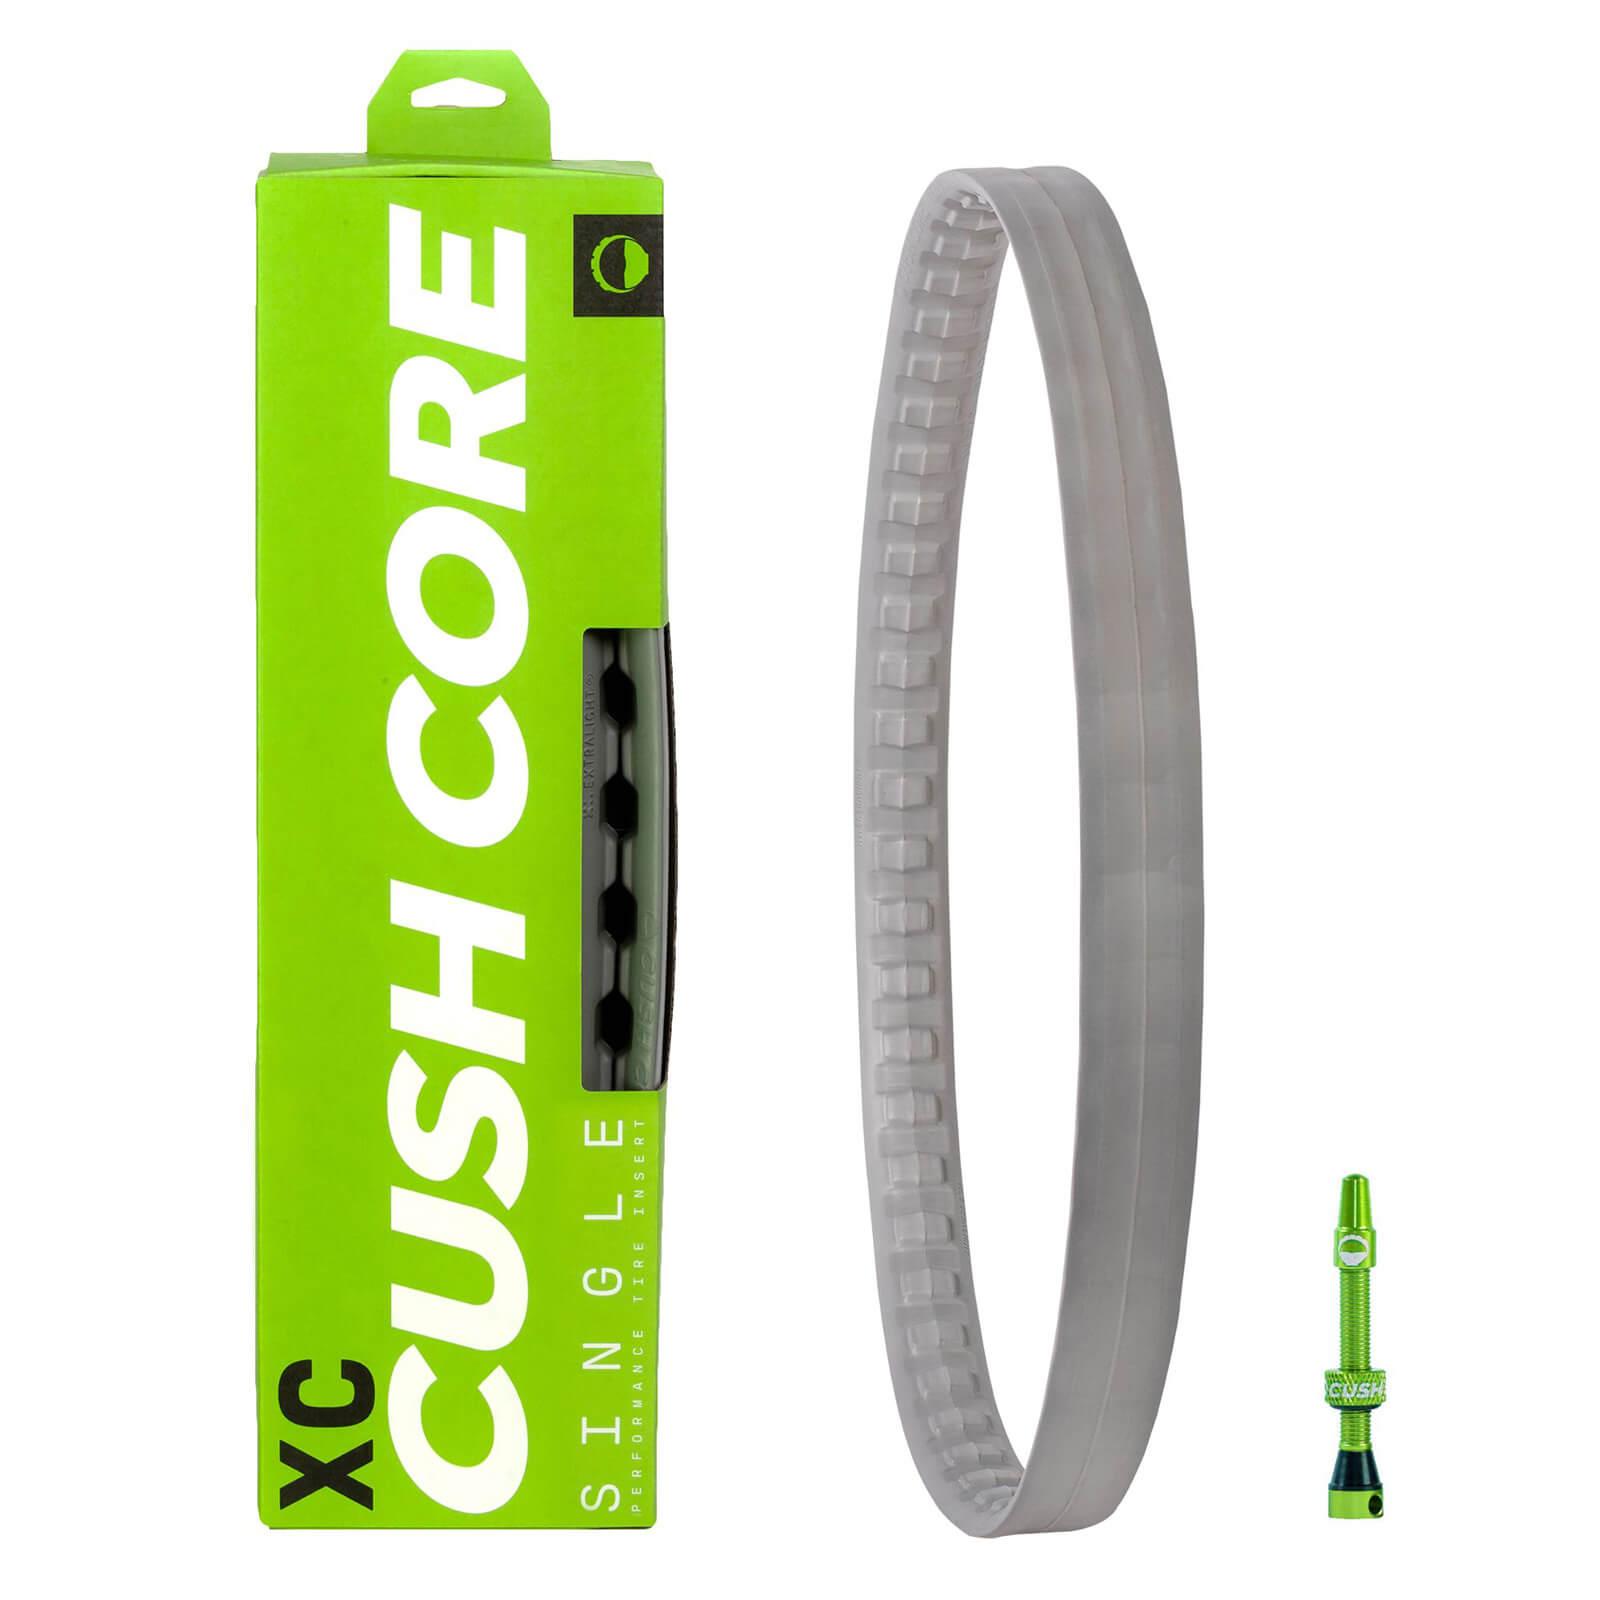 CushCore Tyre Insert - Single - XC 27.5